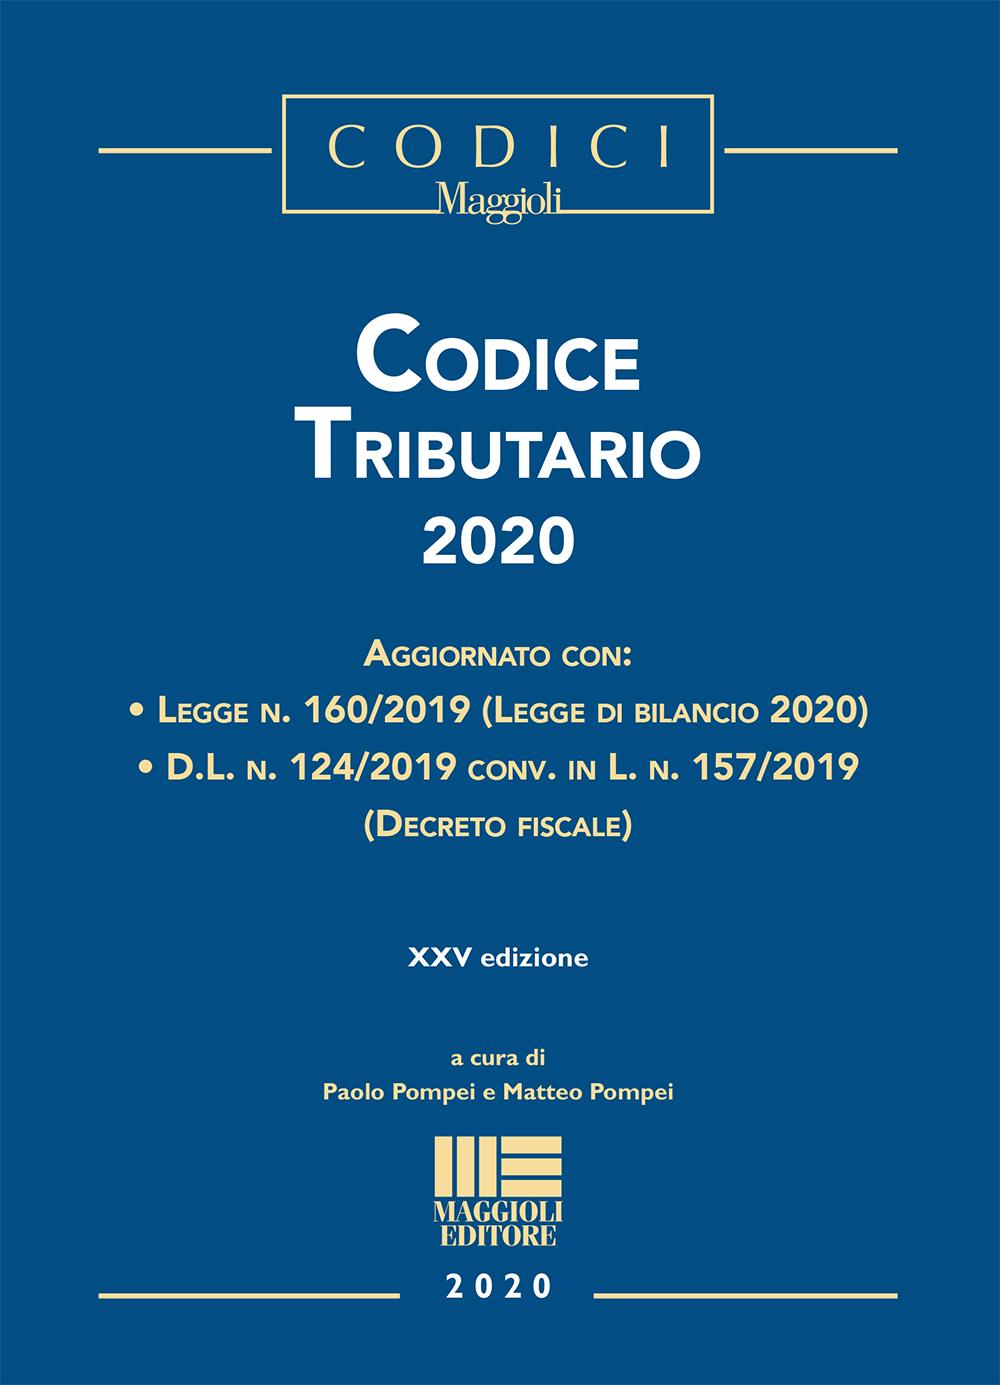 Codice Tributario 2020 - Libro Carta